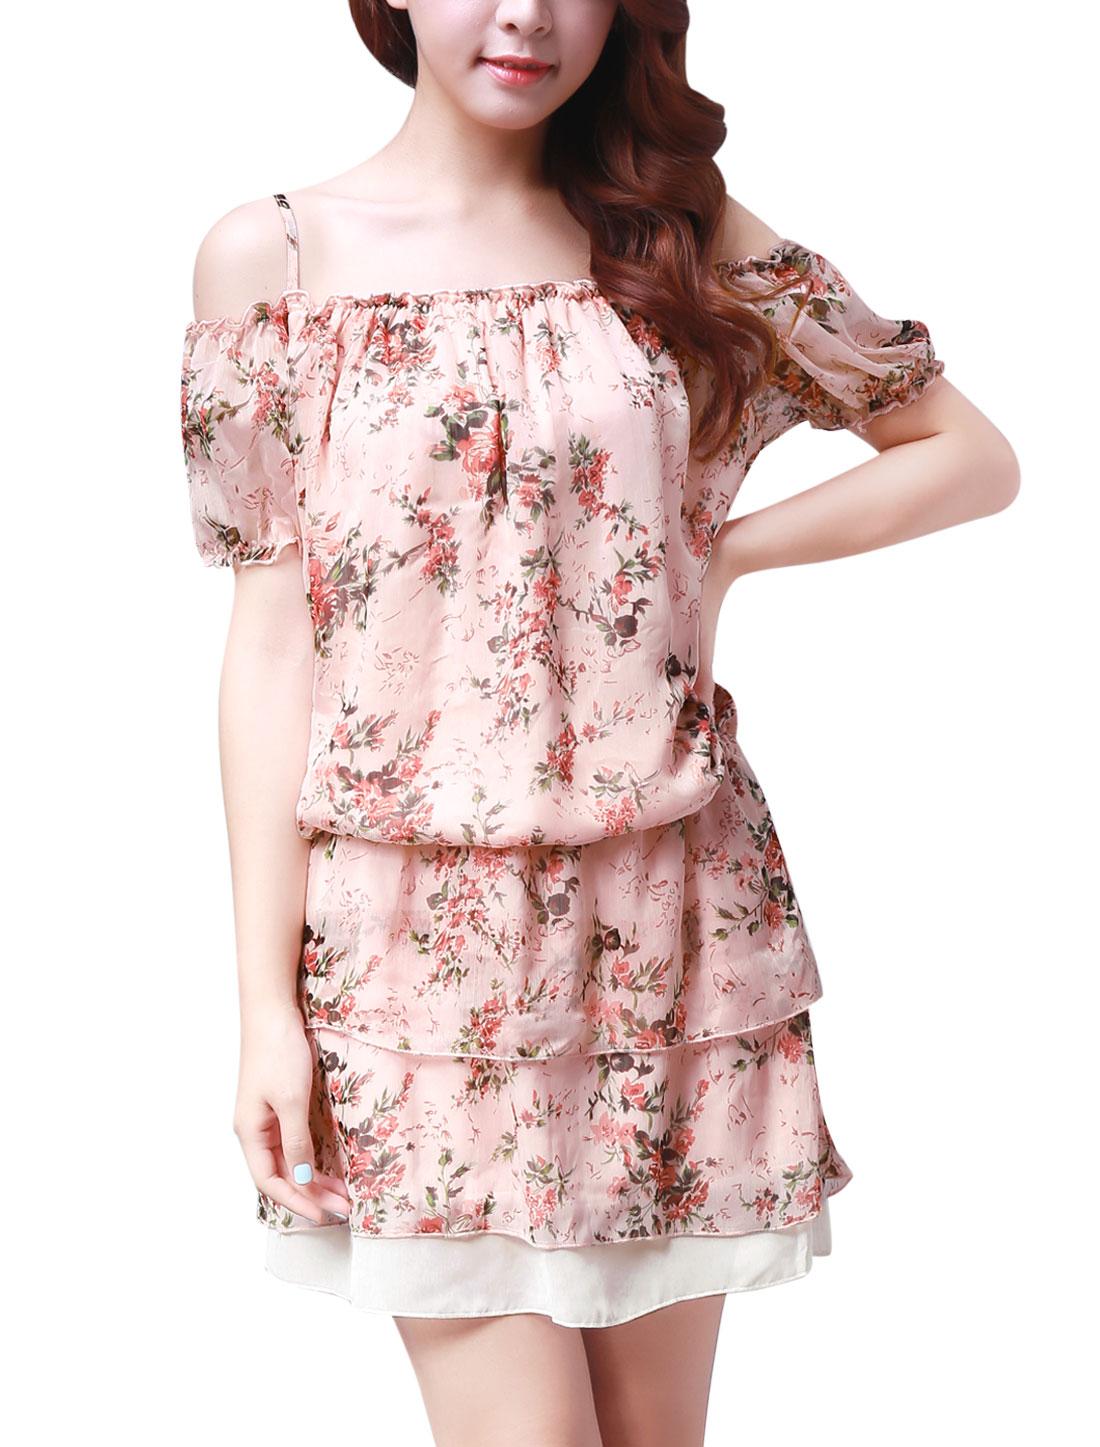 Women Elastic Waist Tiered Chiffon Floral Mini Dress Pink S